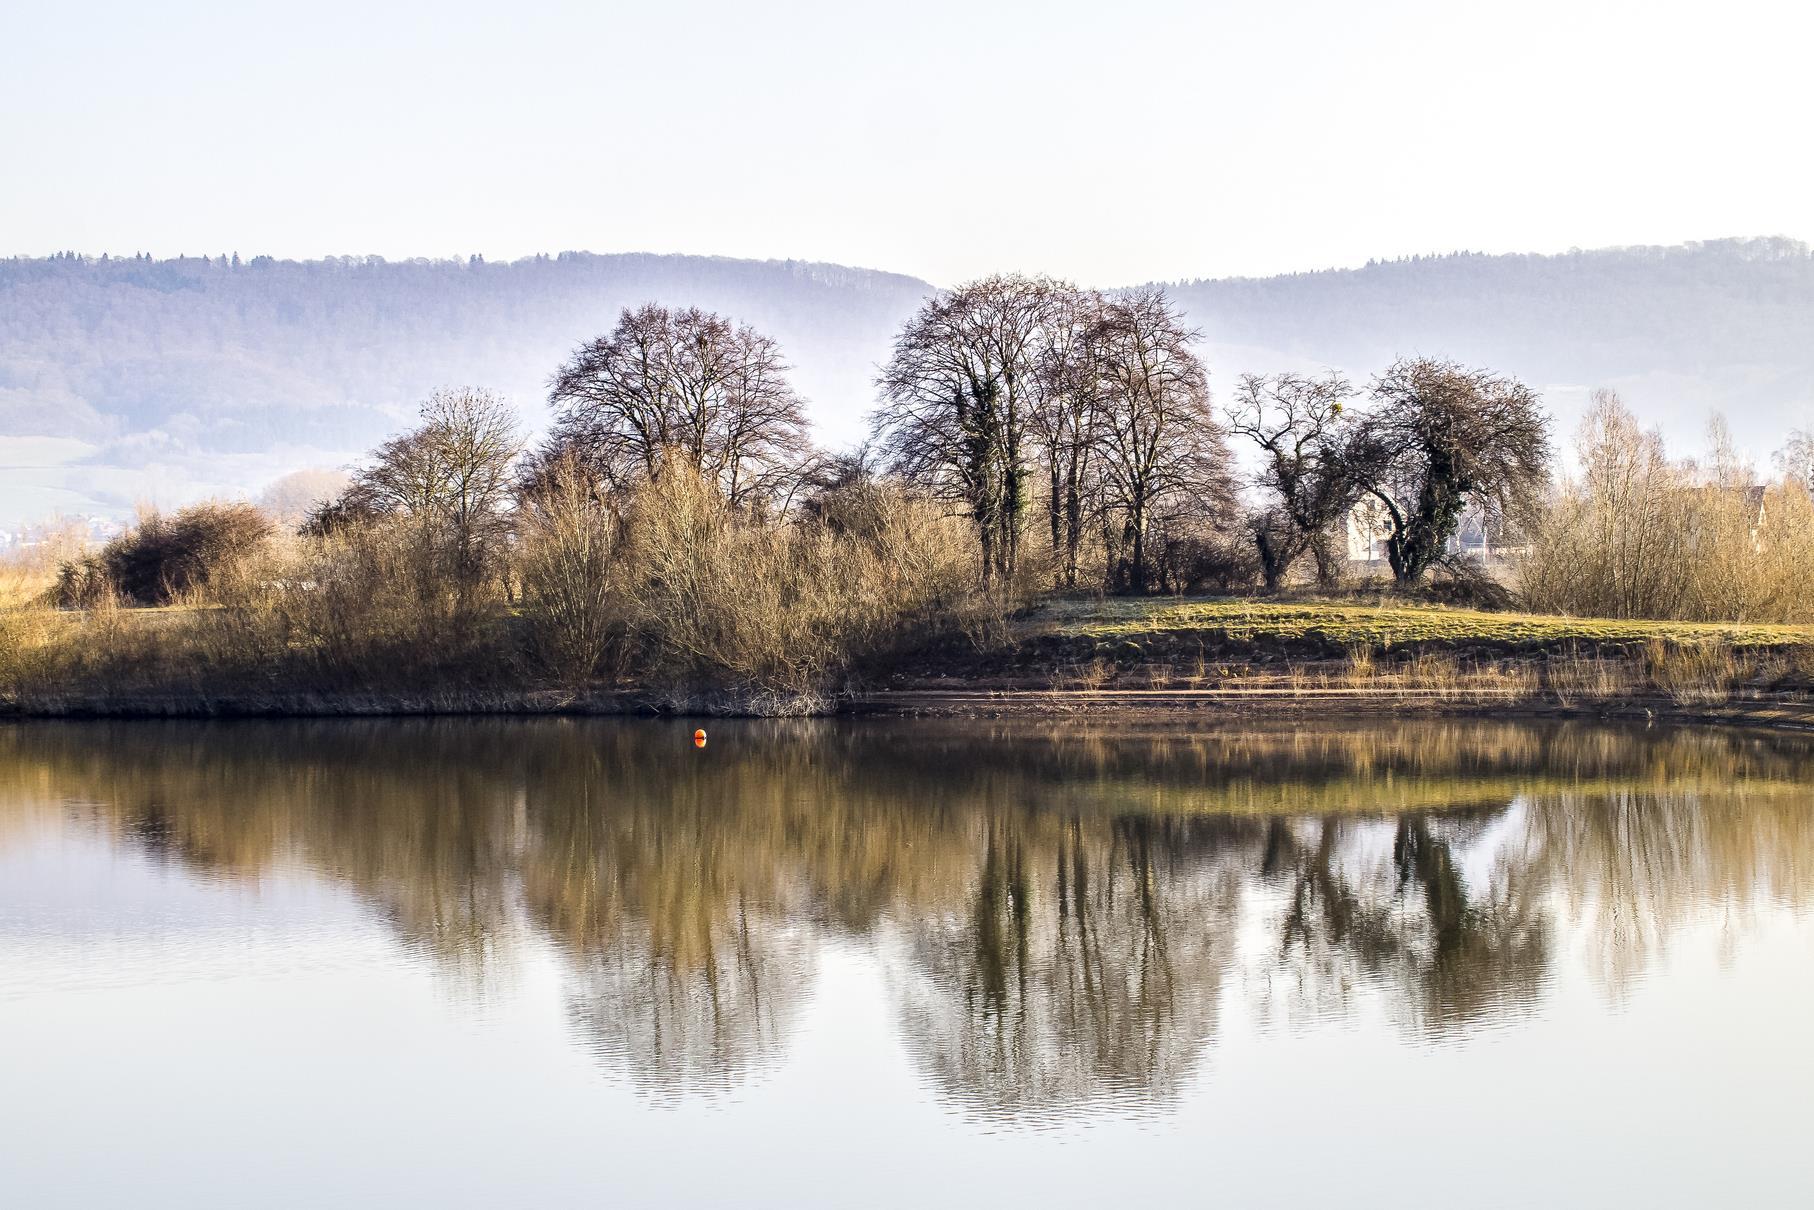 Die kahlen Bäume auf dem Mitteldamm mit dem mittleren Teich im Vordergrund.